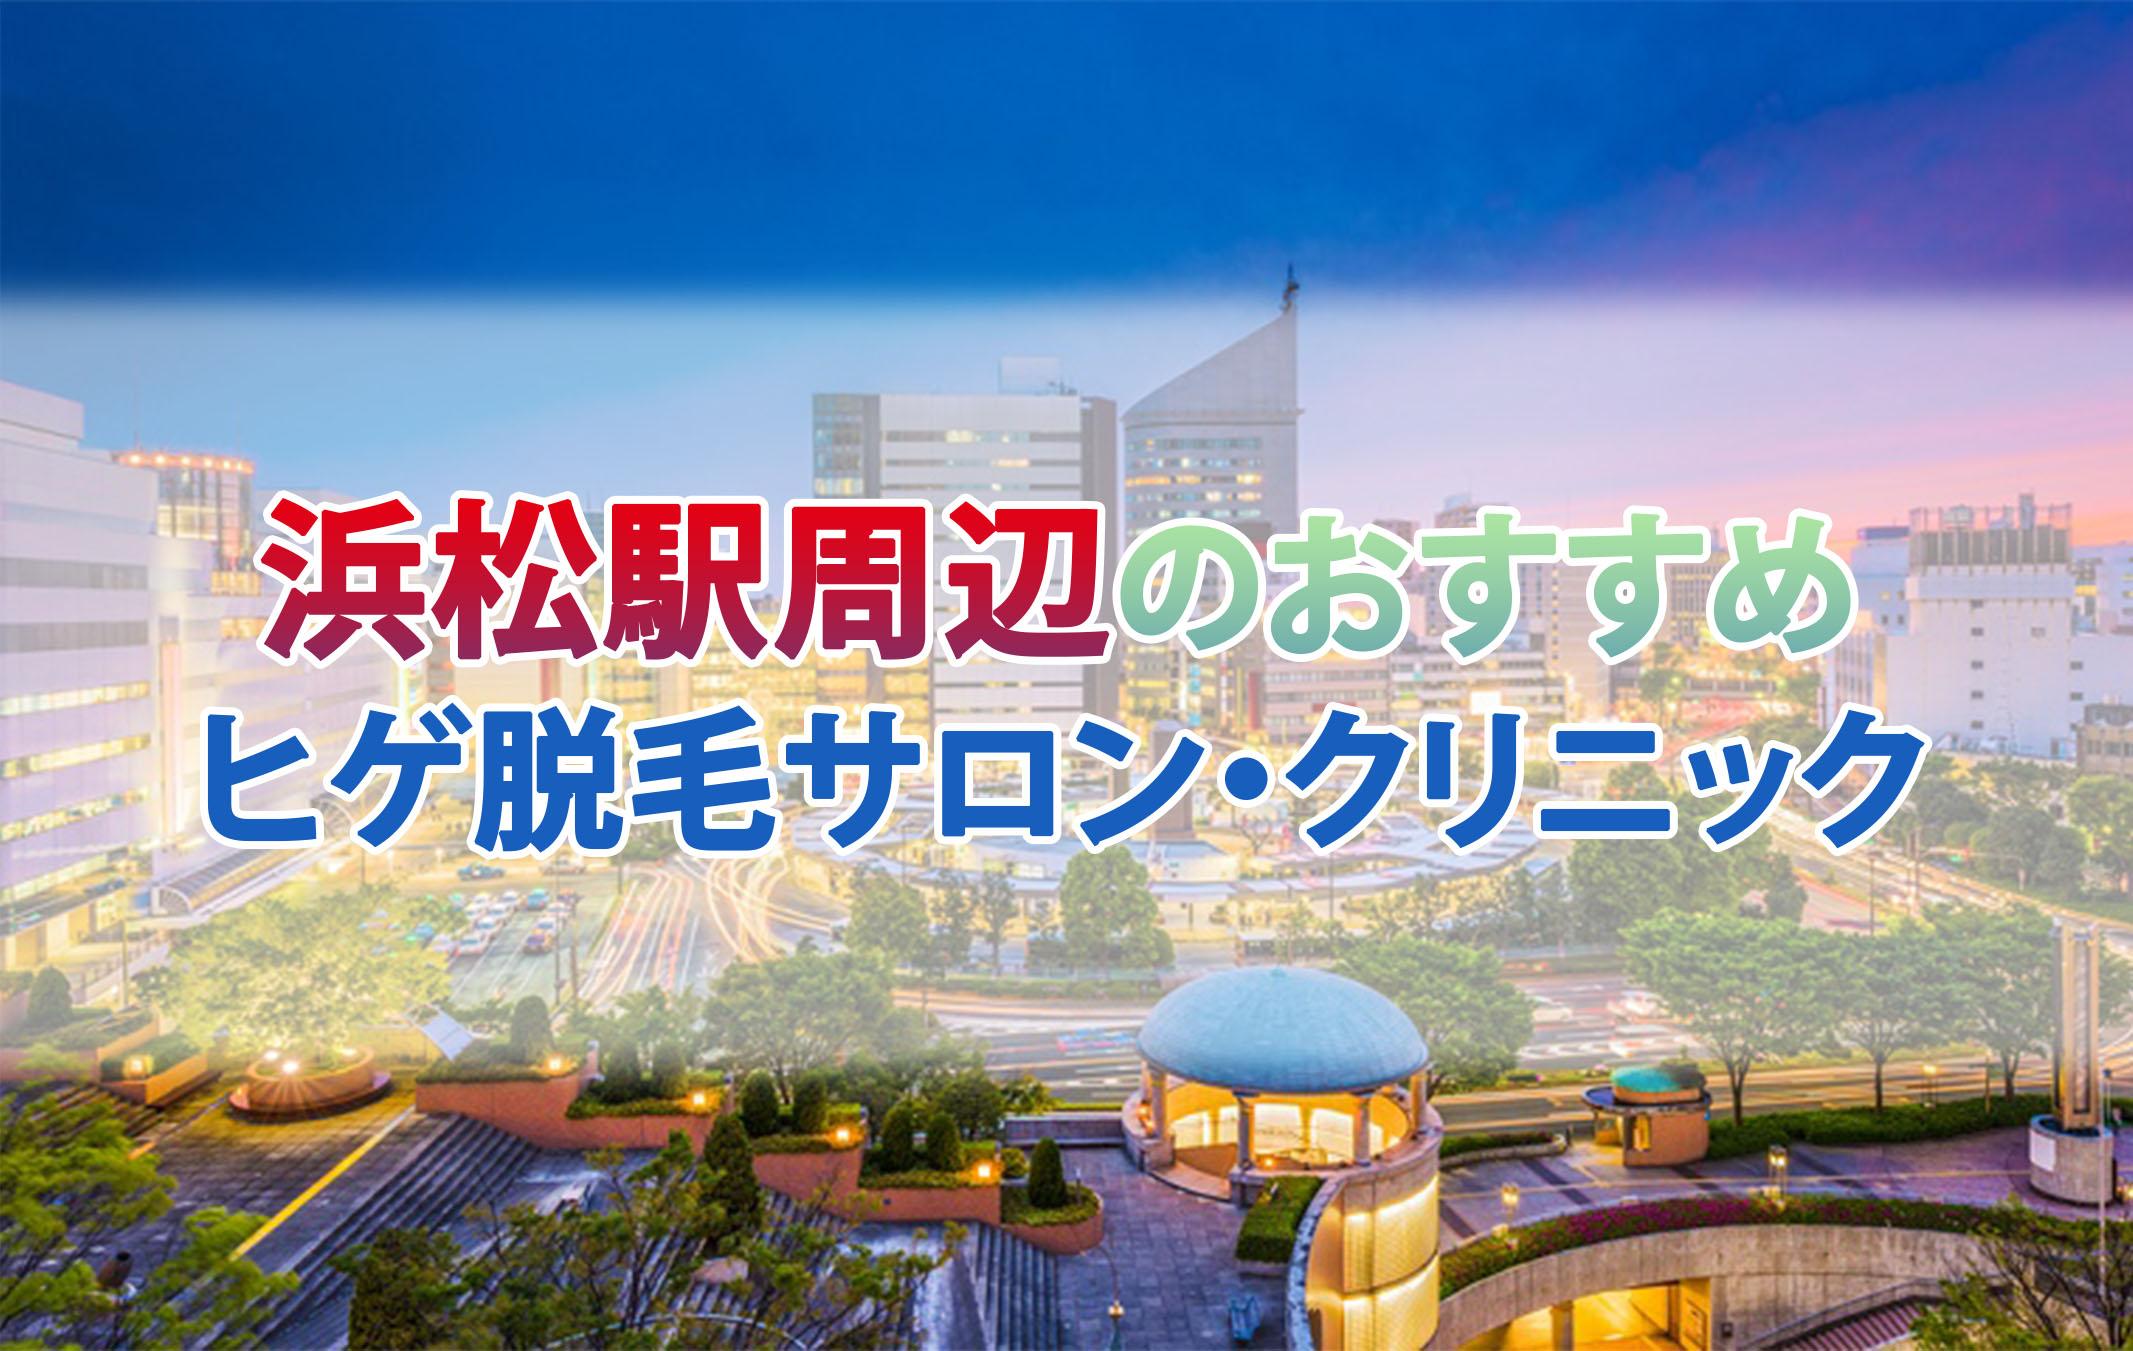 浜松駅周辺のおすすめヒゲ脱毛サロン・クリニック